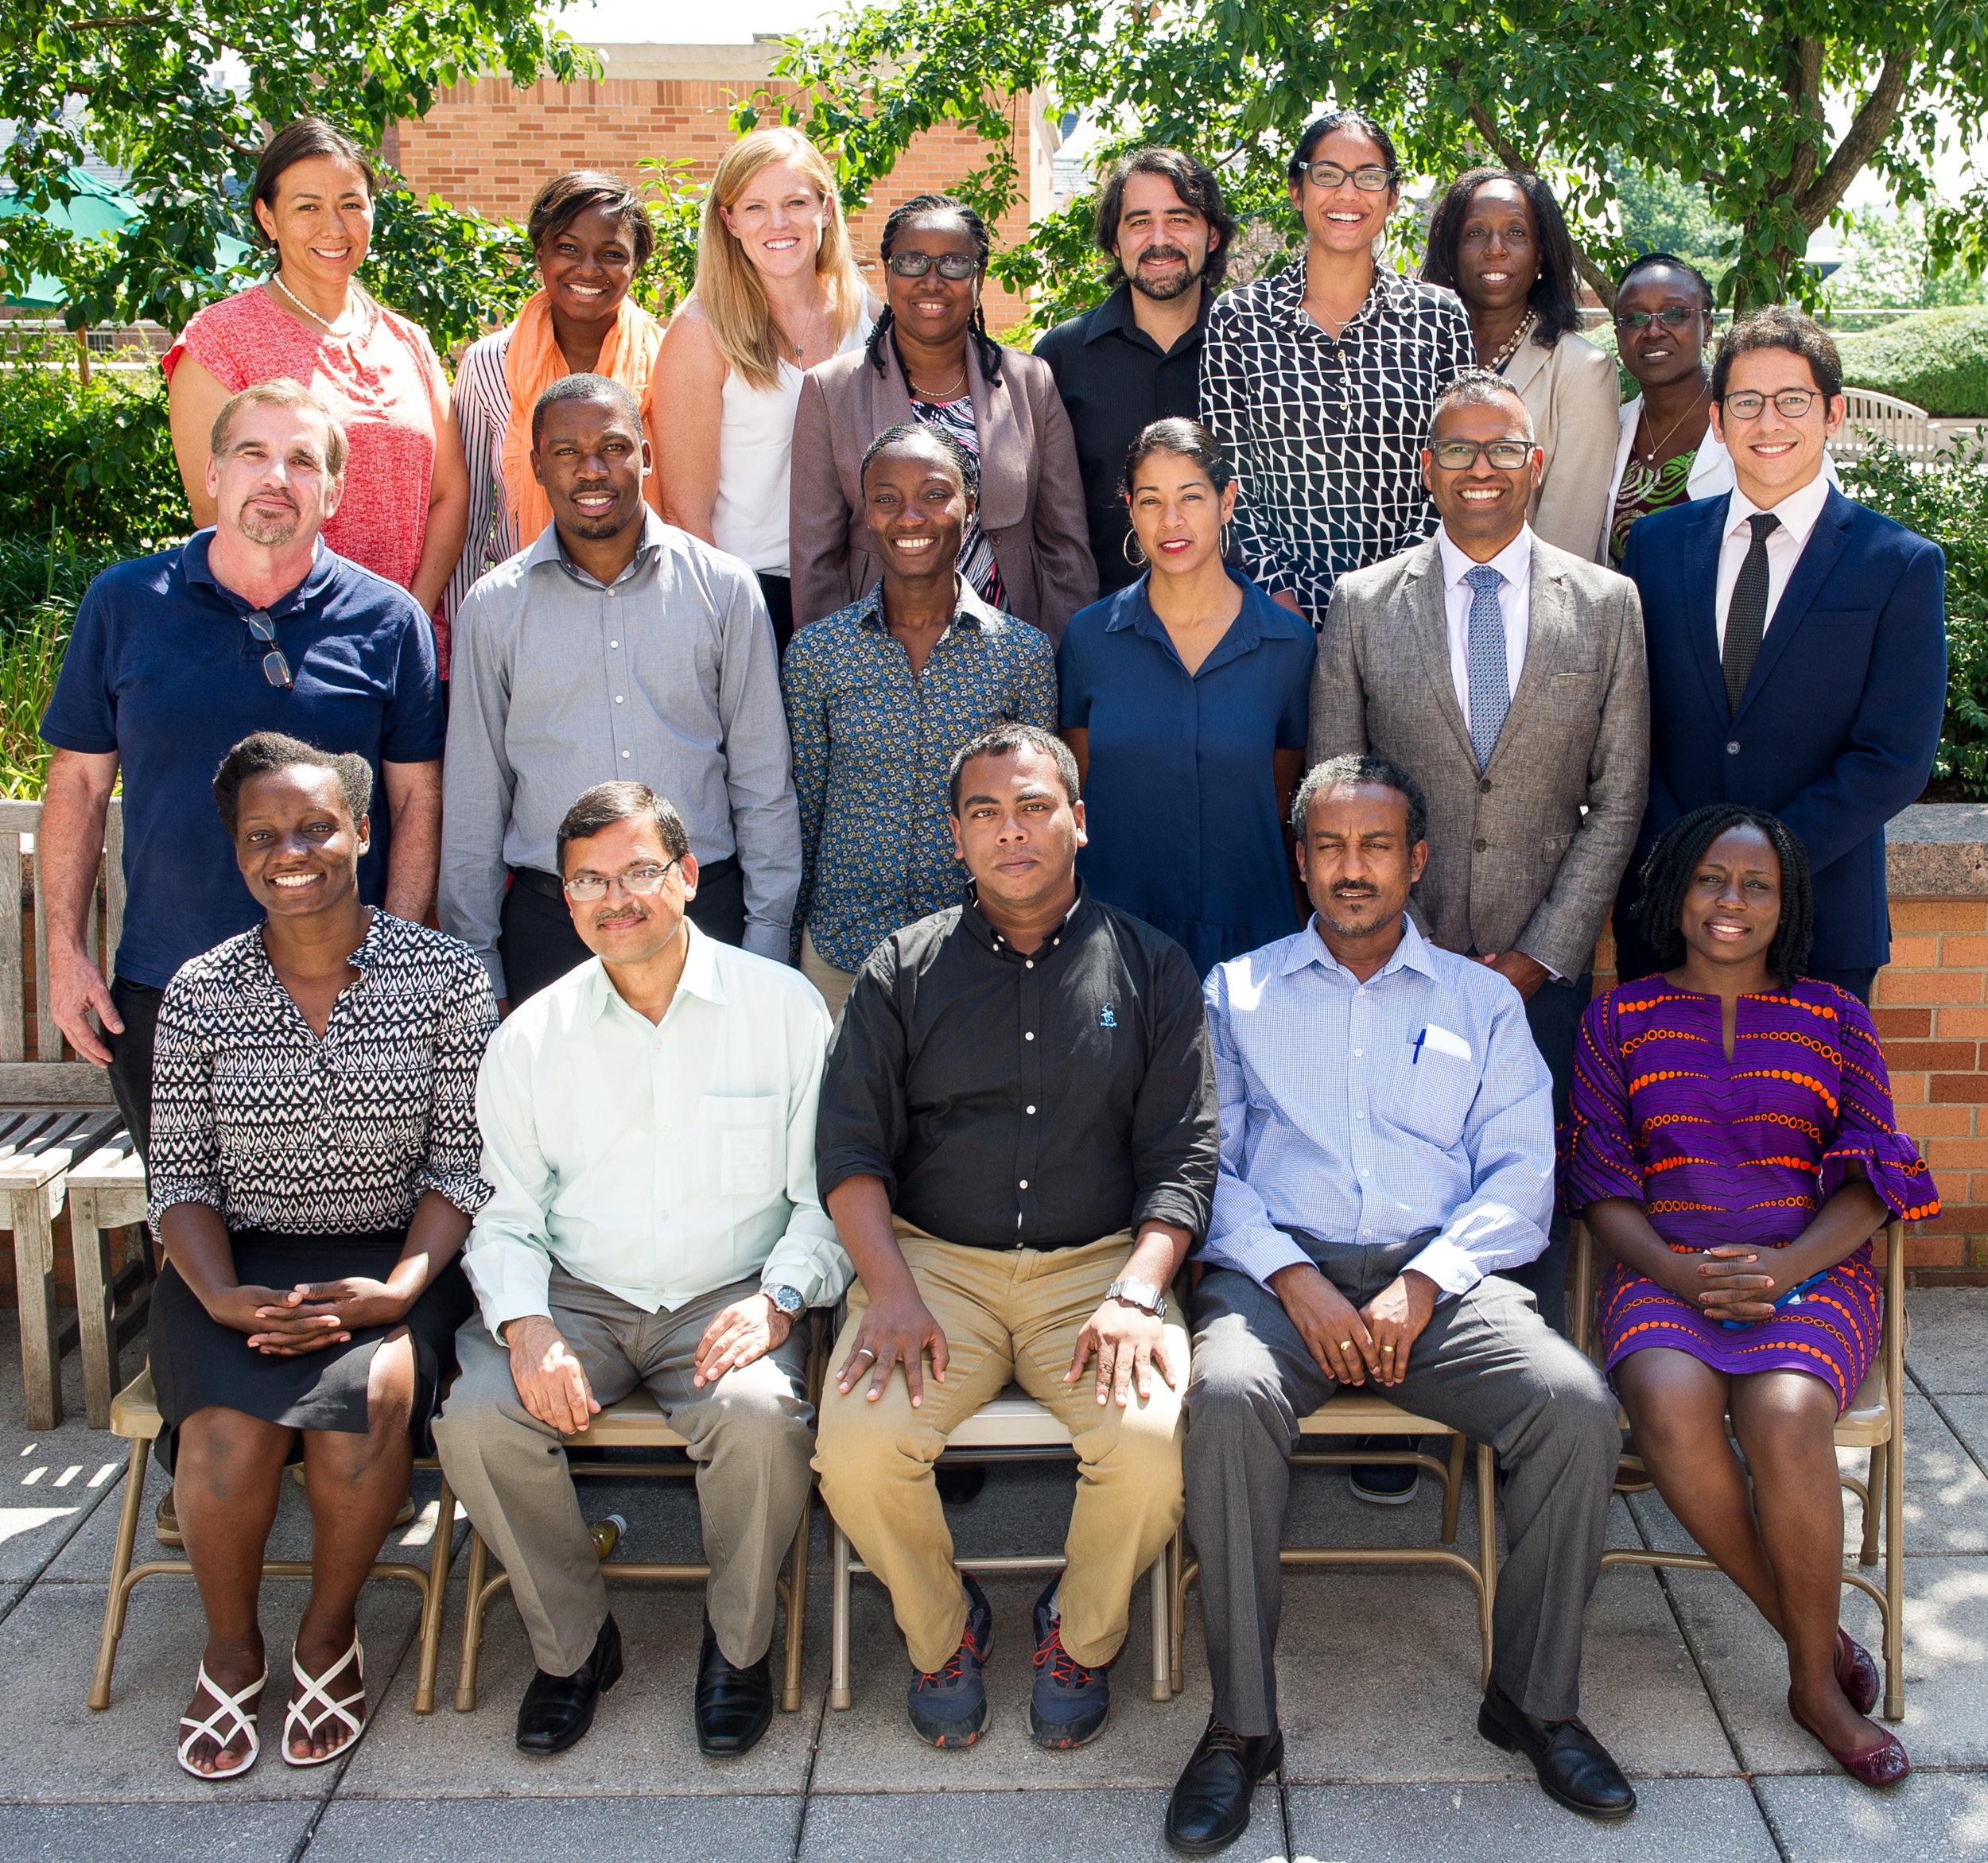 FIC-Fellows-7-19-17-7946-2.jpg